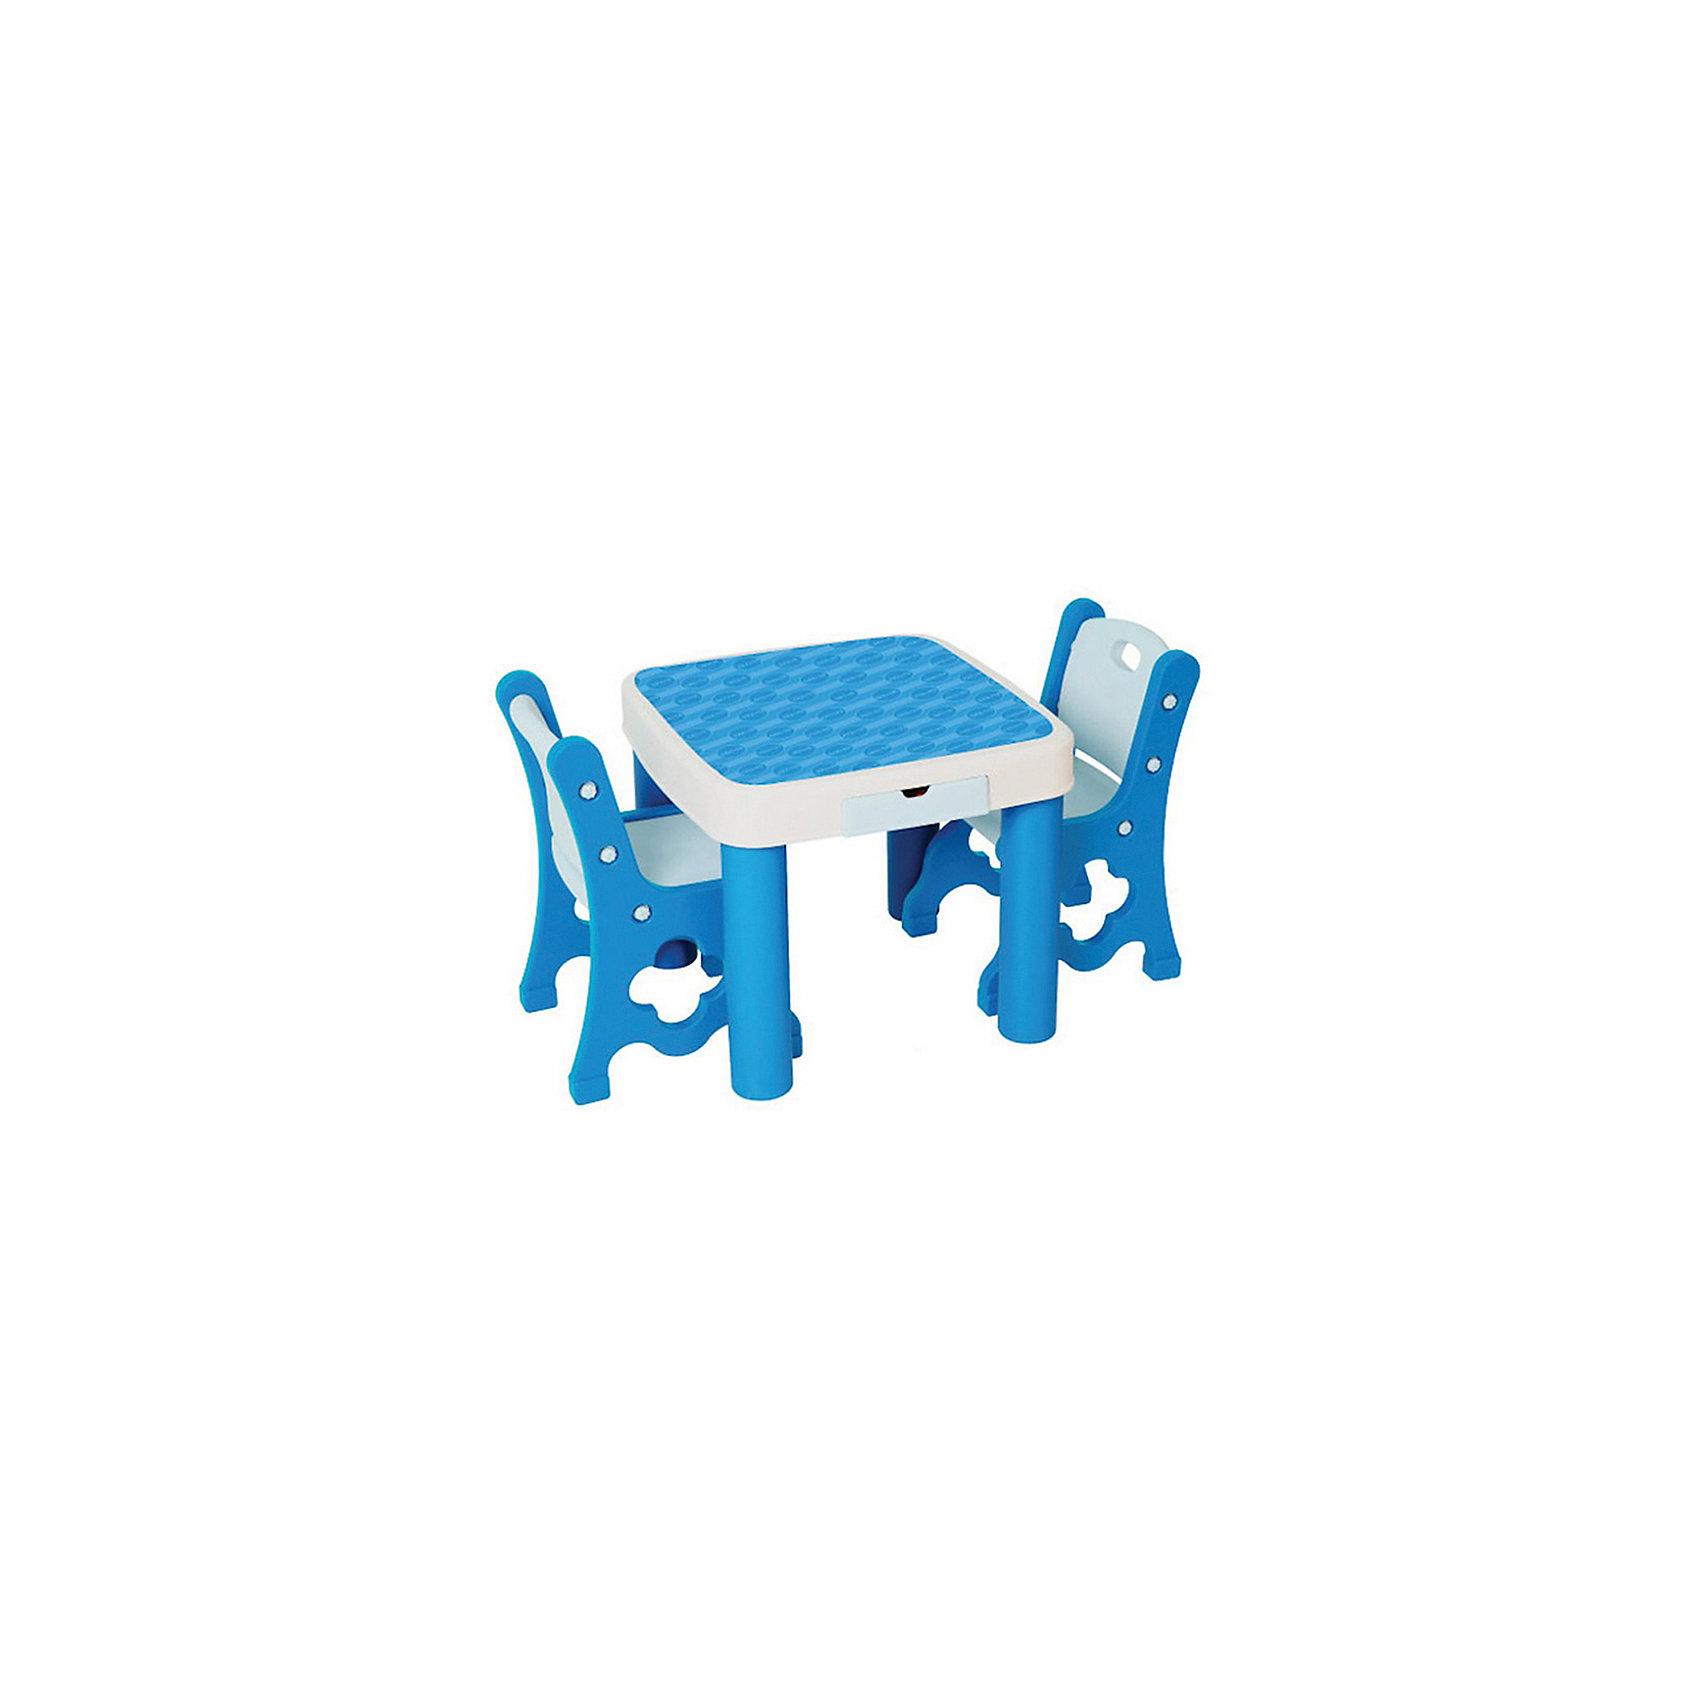 Набор: стол+стул, Eduplay, голубойМебель<br>Характеристики товара:<br><br>• возраст: от 1 года;<br>• материал: пластик;<br>• в комплекте: стол, 2 стула;<br>• размер стола: 52х60х60 см;<br>• размер стула: 34х60х28 см;<br>• размер упаковки: 66,5х63х26,5 см;<br>• вес упаковки: 9,5 кг;<br>• страна производитель: Корея.<br><br>Набор Стол и стул Eduplay голубой — набор из стола и 2 стульев для занятий, игр, рисования. Он также может использоваться и на улице для пикника. На столе имеется небольшой ящик для хранения необходимых вещей. Стол можно сложить для удобного хранения дома. Предметы выполнены из качественного пластика и не имеют острых углов.<br><br>Набор Стол и стул Eduplay голубой можно приобрести в нашем интернет-магазине.<br><br>Ширина мм: 665<br>Глубина мм: 630<br>Высота мм: 265<br>Вес г: 9500<br>Возраст от месяцев: 36<br>Возраст до месяцев: 60<br>Пол: Унисекс<br>Возраст: Детский<br>SKU: 5500240